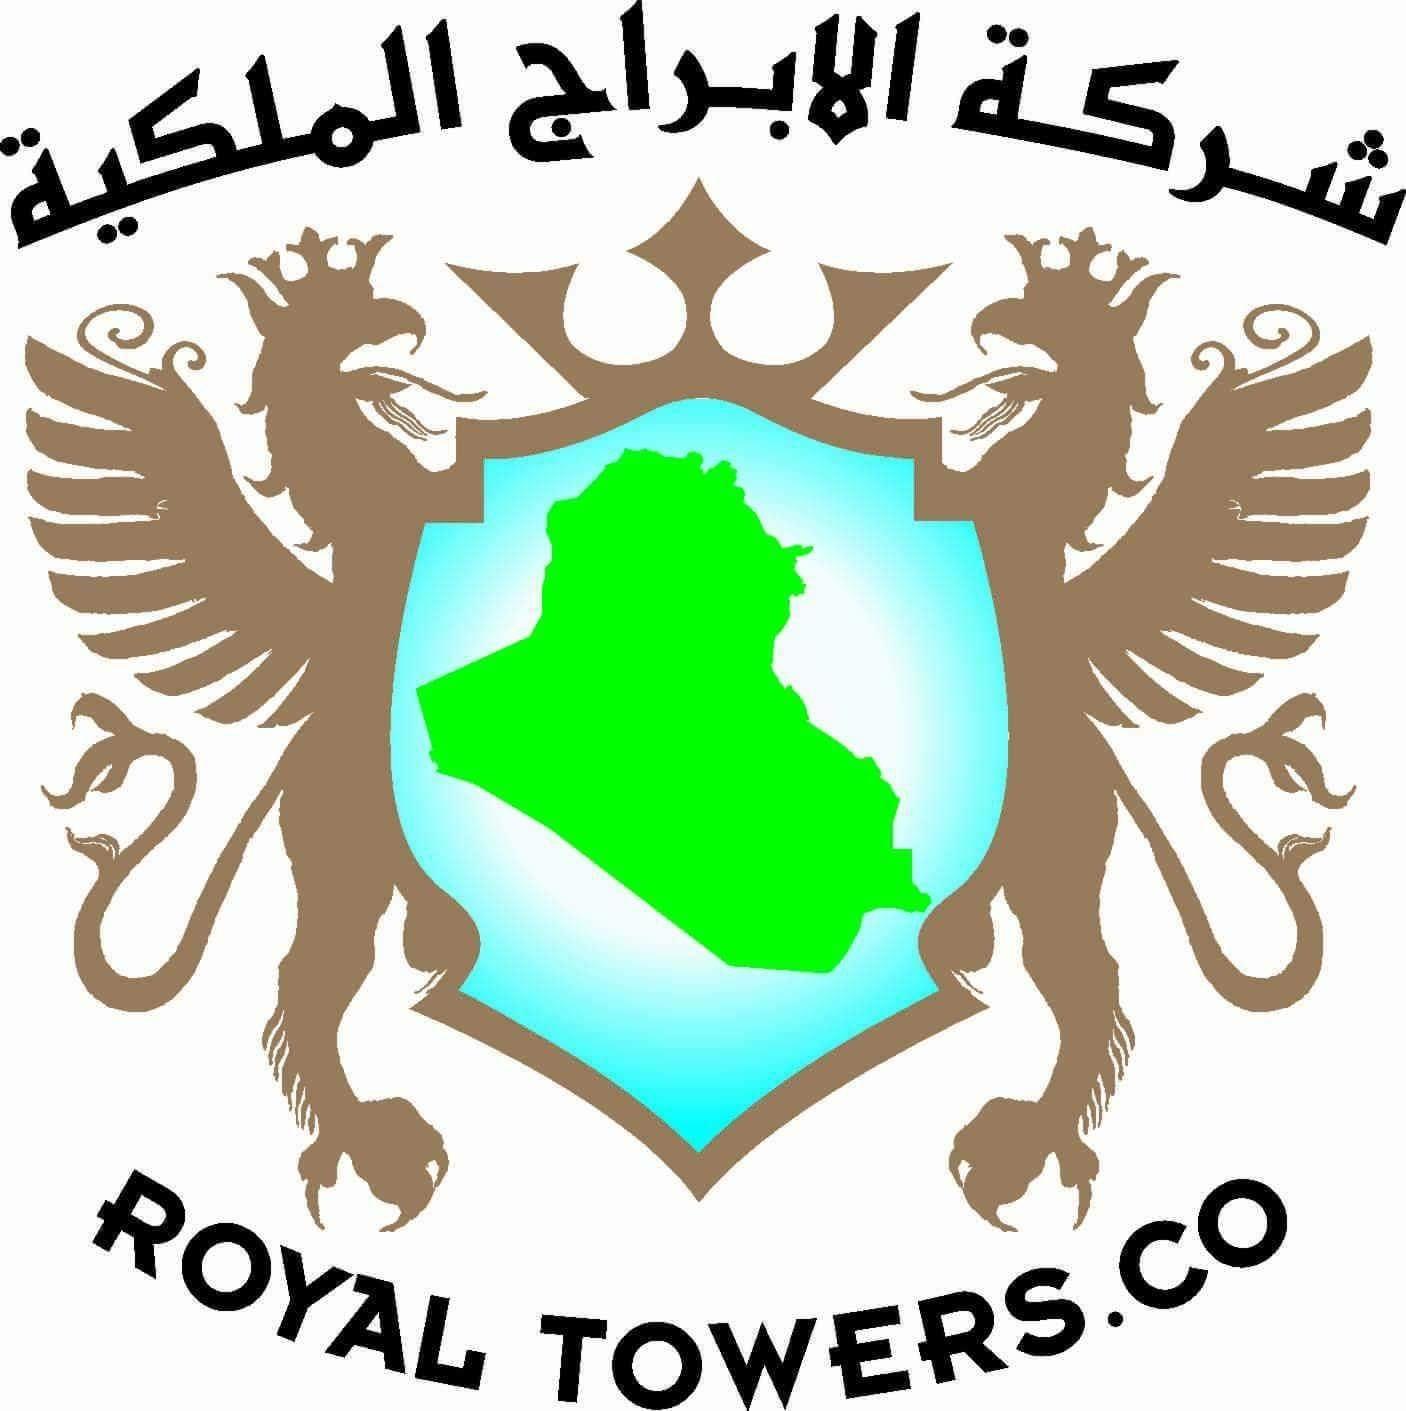 شركة الابراج الملكية للاستثمارات العقارية